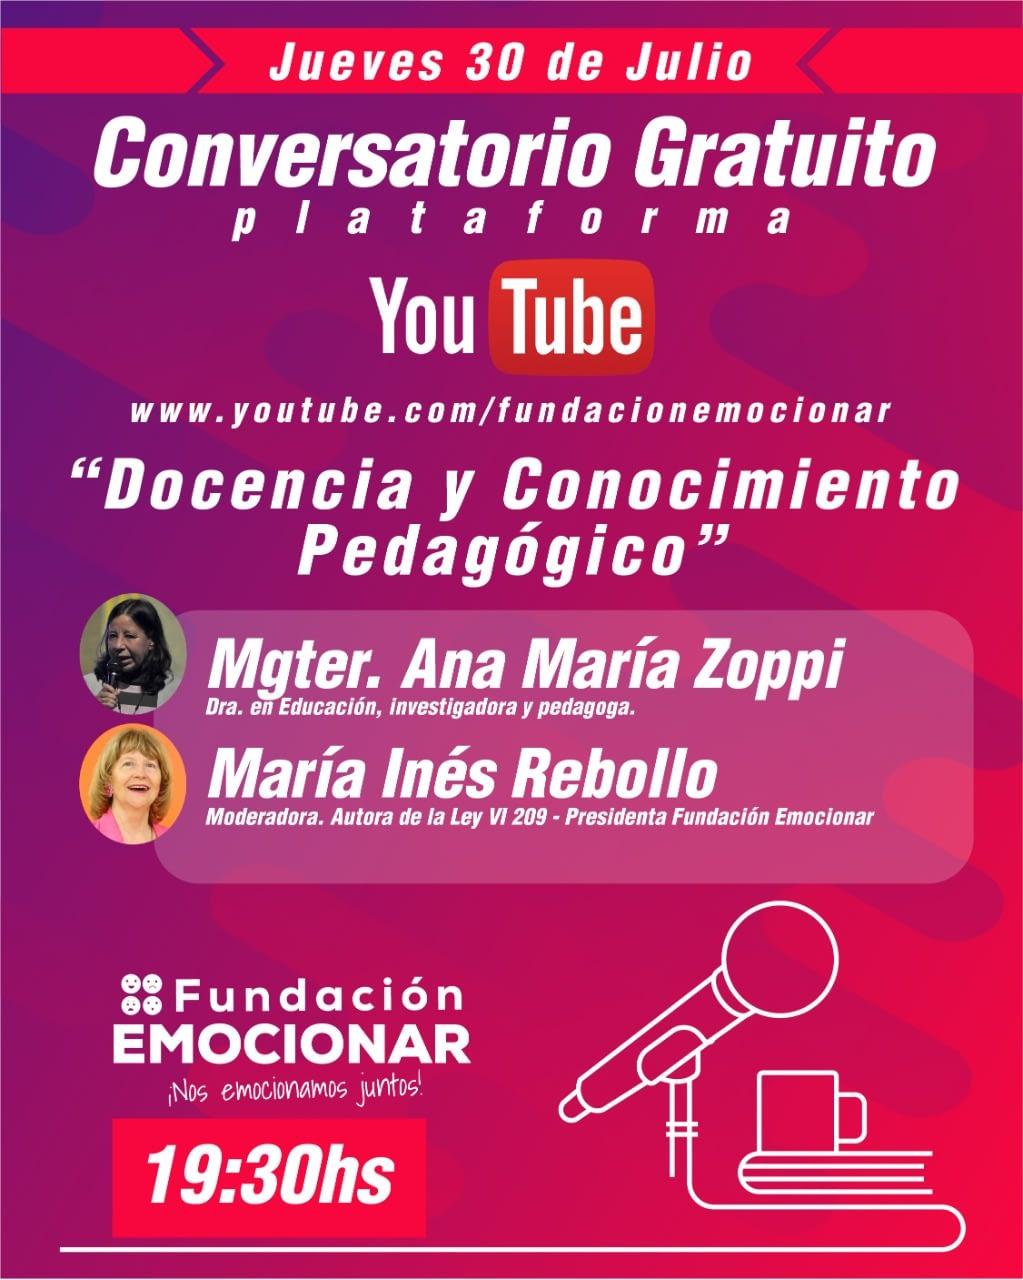 CONVERSATORIO 30 DE JULIO